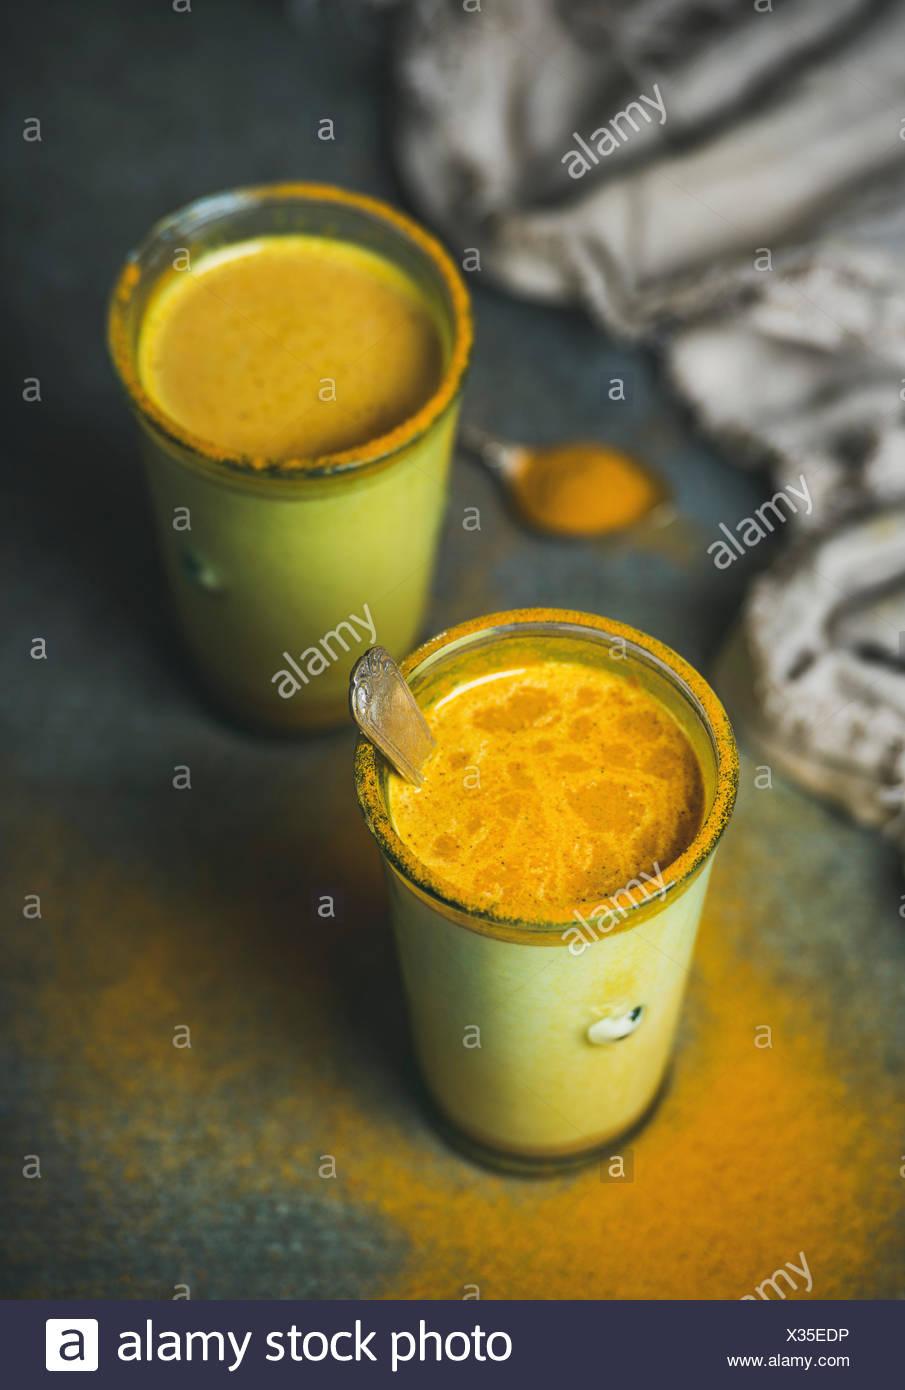 Goldene Milch mit Kurkuma-Pulver in Gläsern auf dunklem Hintergrund. Gesundheit und Energie fördernde, Grippe Heilmittel, natürliche kalten Getränk zu kämpfen. Sauber, Essen, d Stockbild